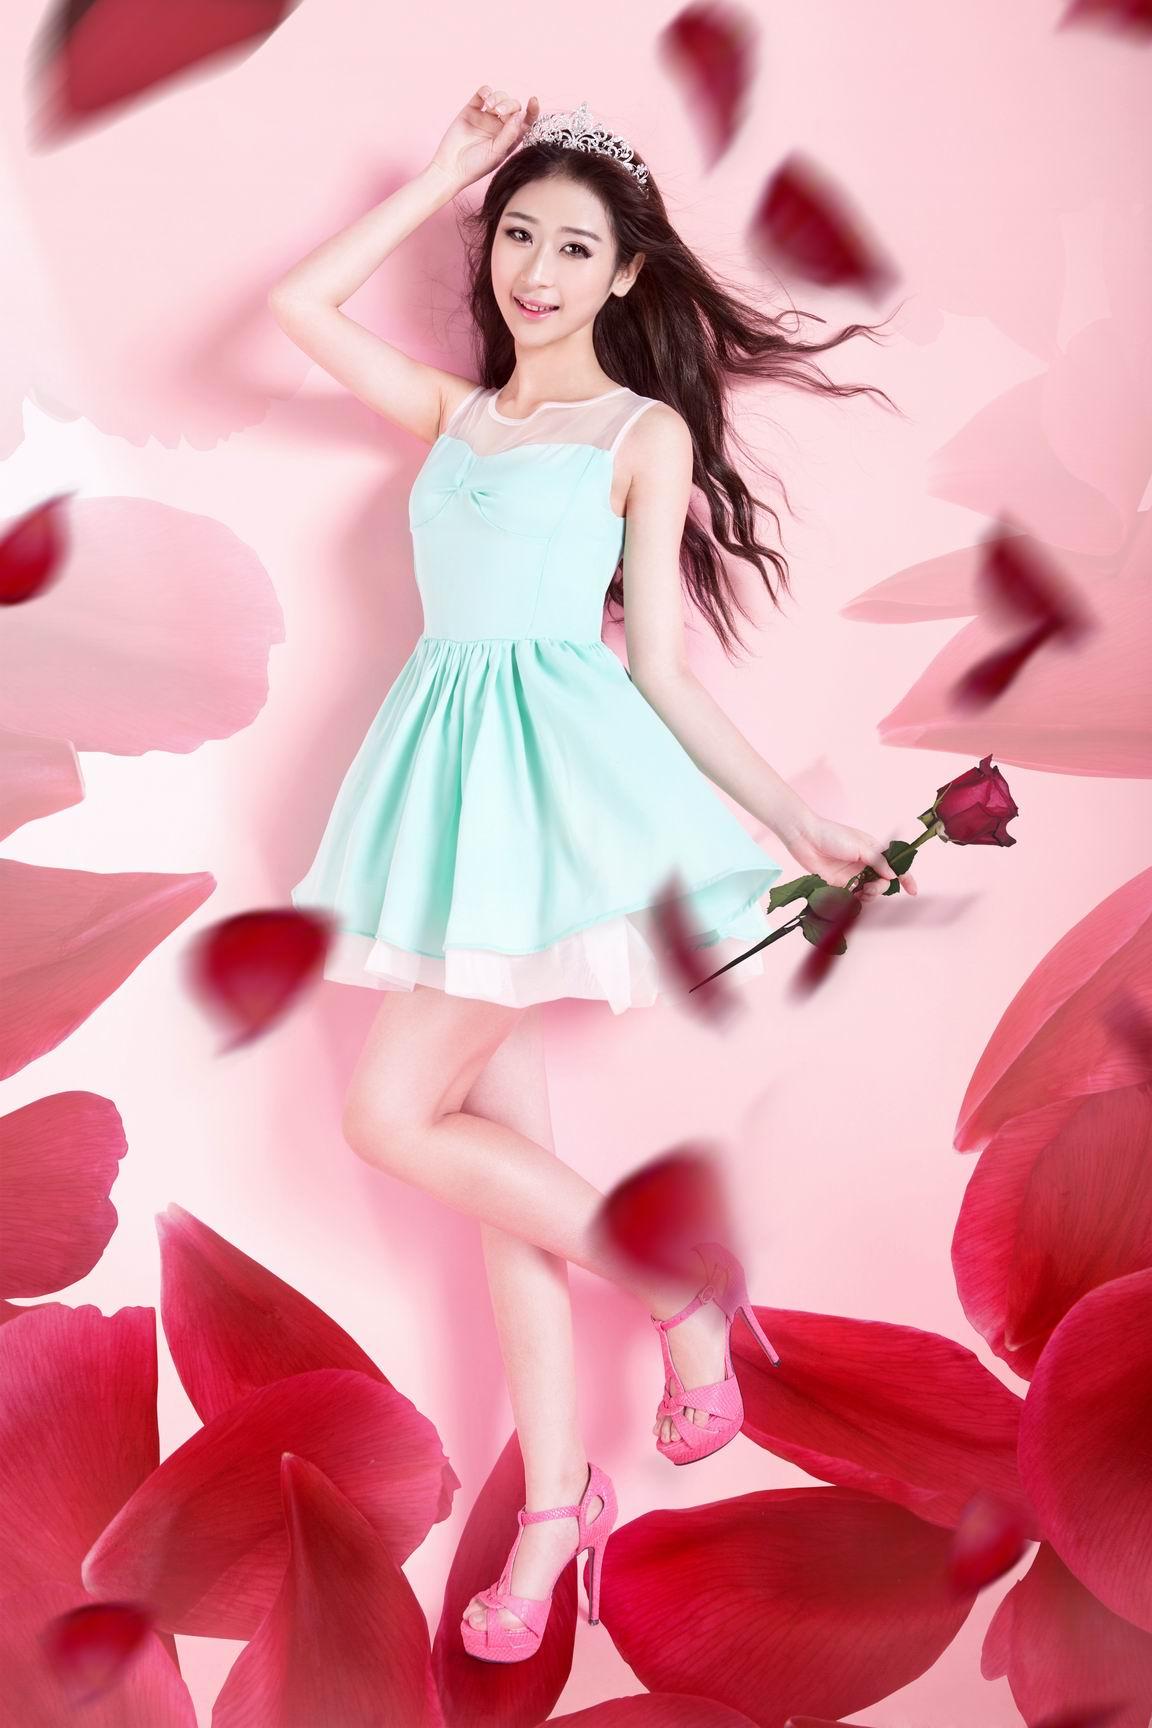 玫瑰花瓣女人素材